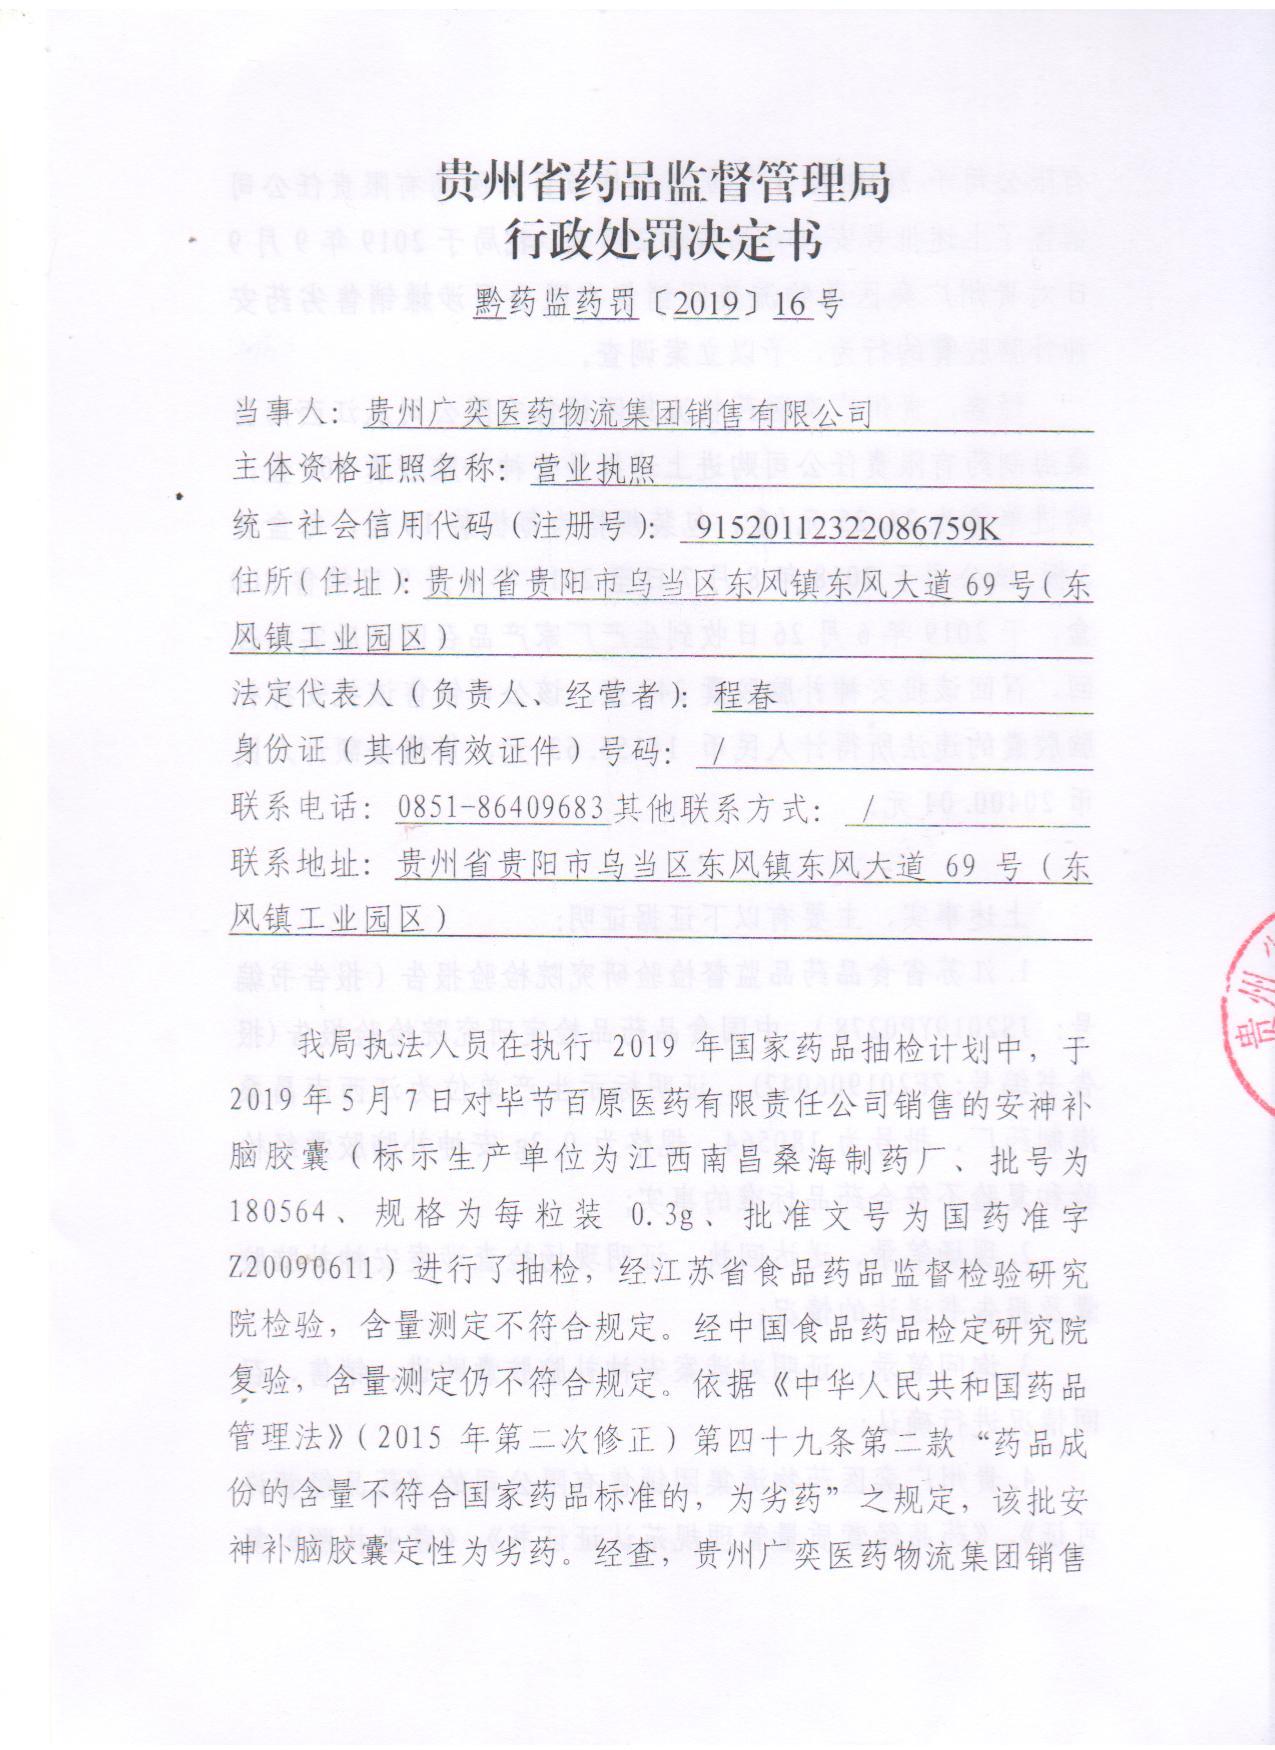 http://www.edaojz.cn/difangyaowen/441195.html